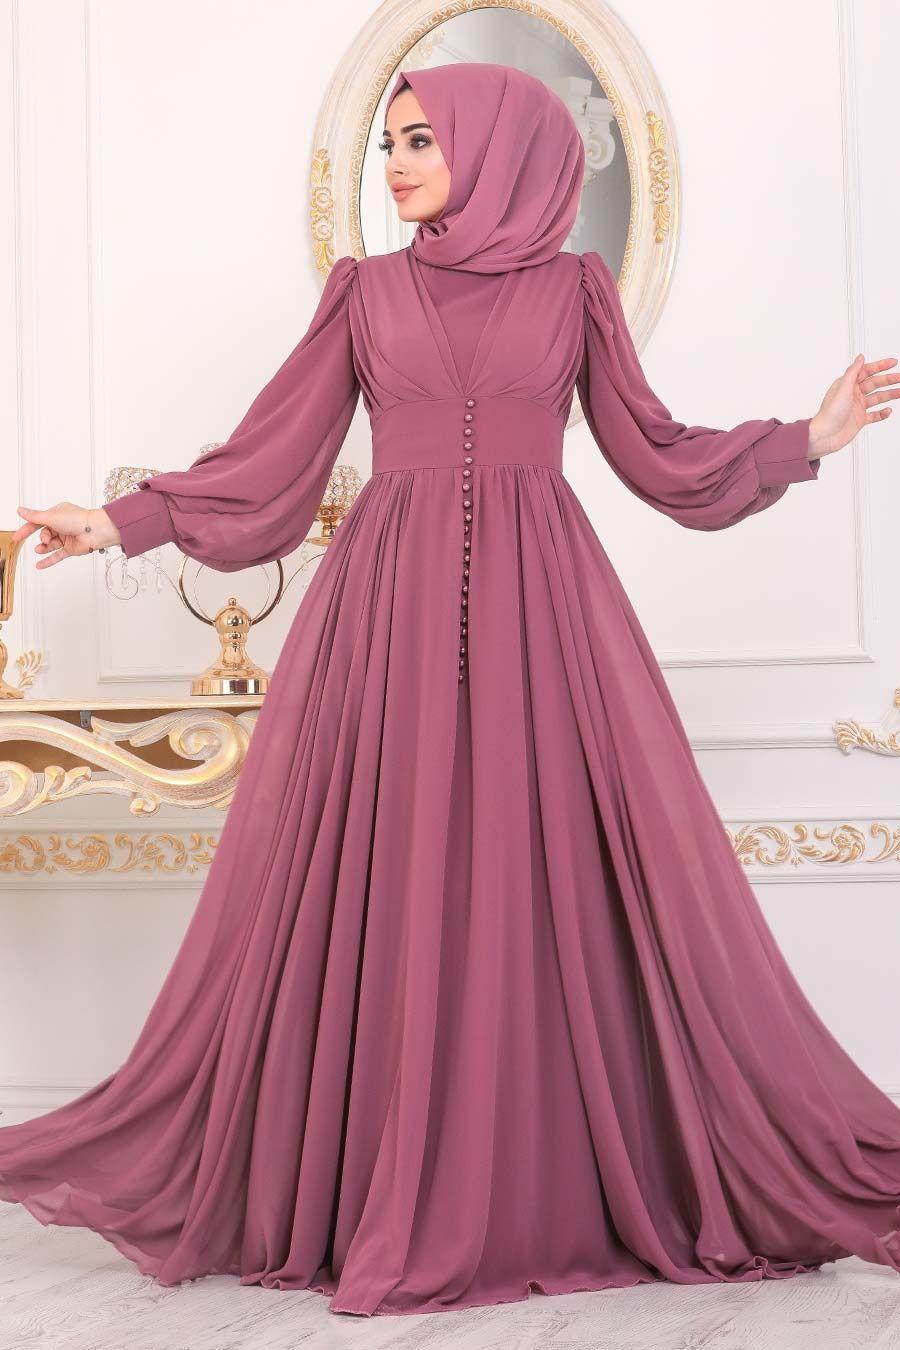 Tesetturlu Abiye Elbise Dugme Detayli Gul Kurusu Tesettur Abiye Elbise 41011gk Tesetturisland Com 2020 Aksamustu Giysileri The Dress Elbise